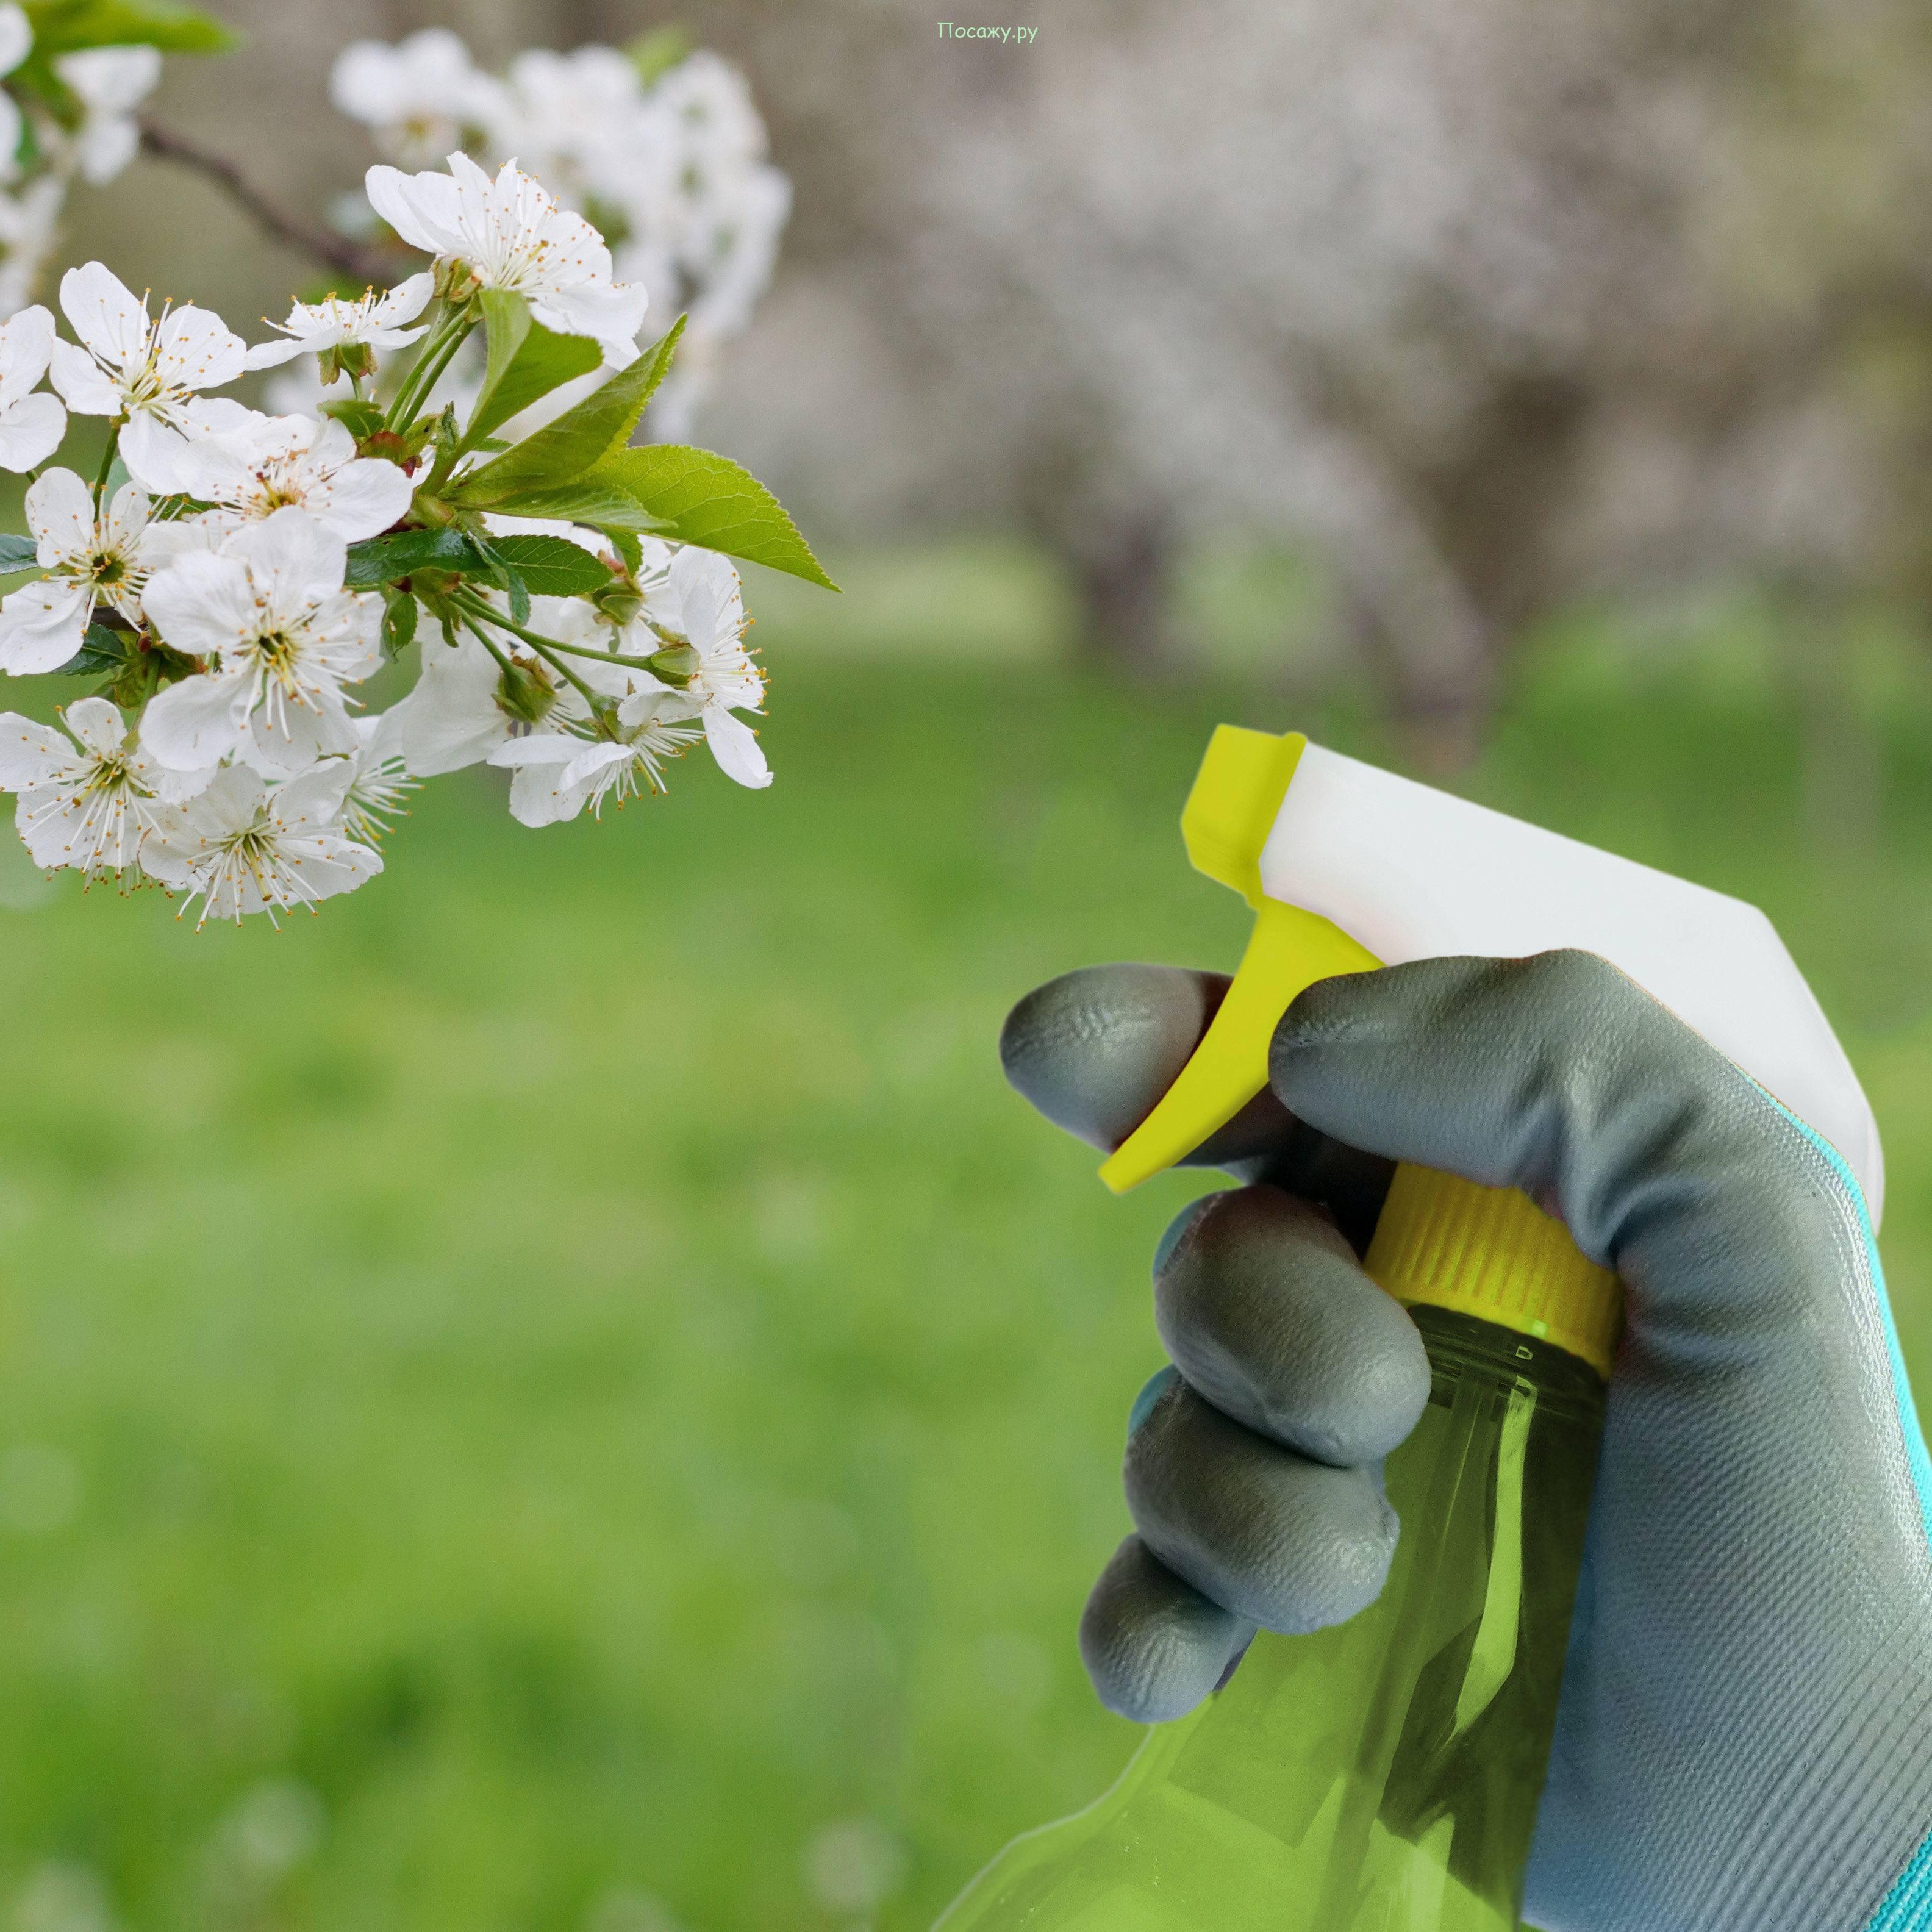 Тля на яблоне - как бороться народными средствами, препараты